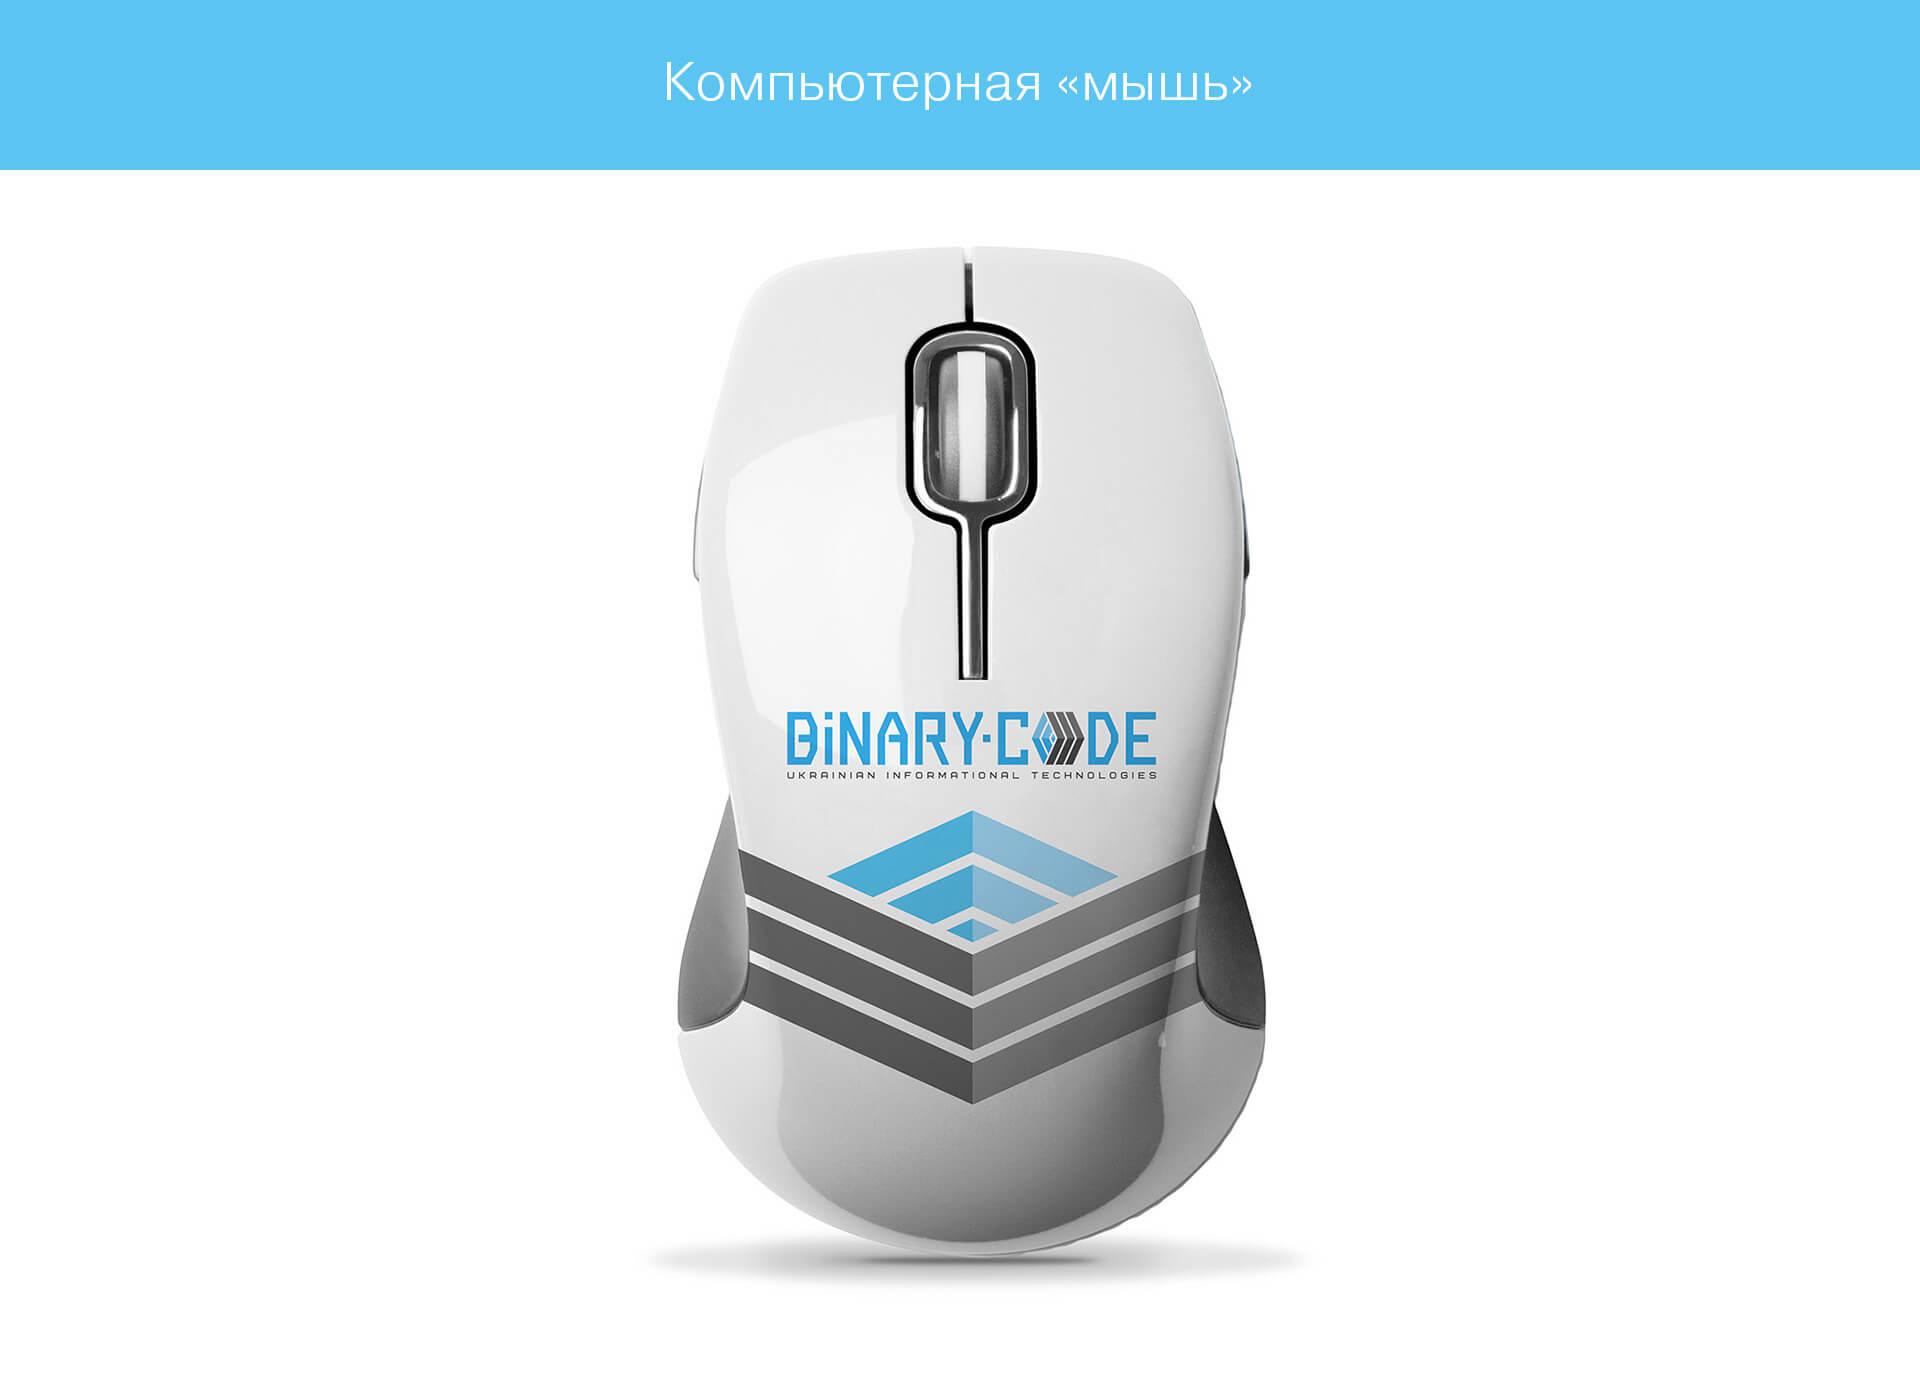 Prokochuk_Irina_BINARY-CODE_13_